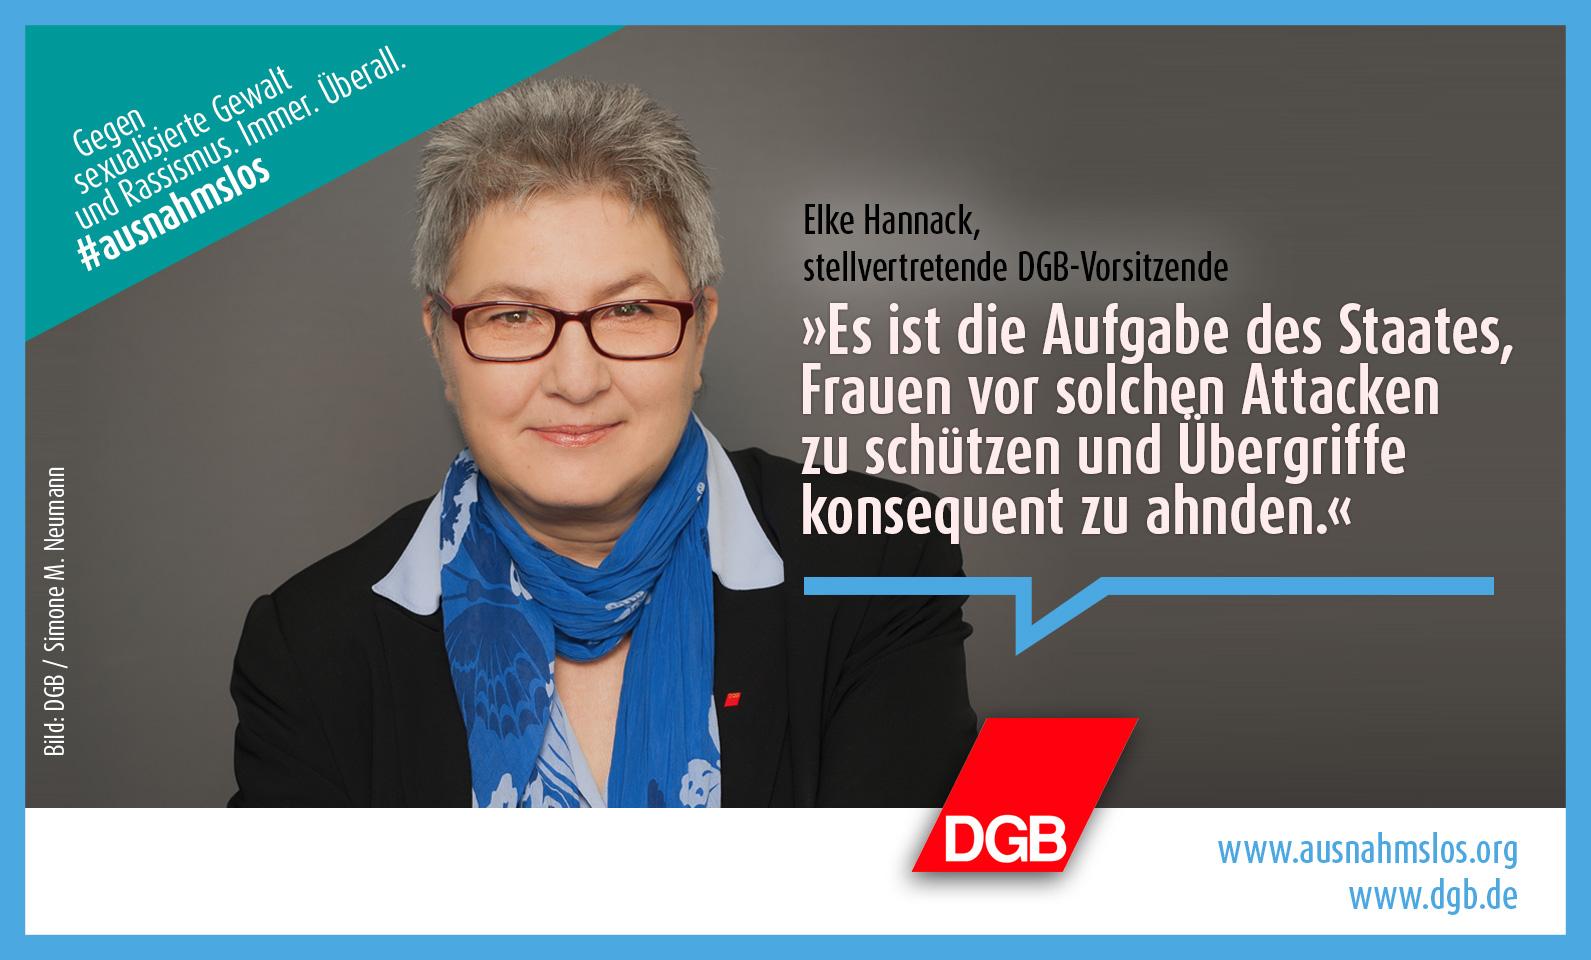 #ausnahmslos, Elke Hannack, stellvertretende DGB-Vorsitzende